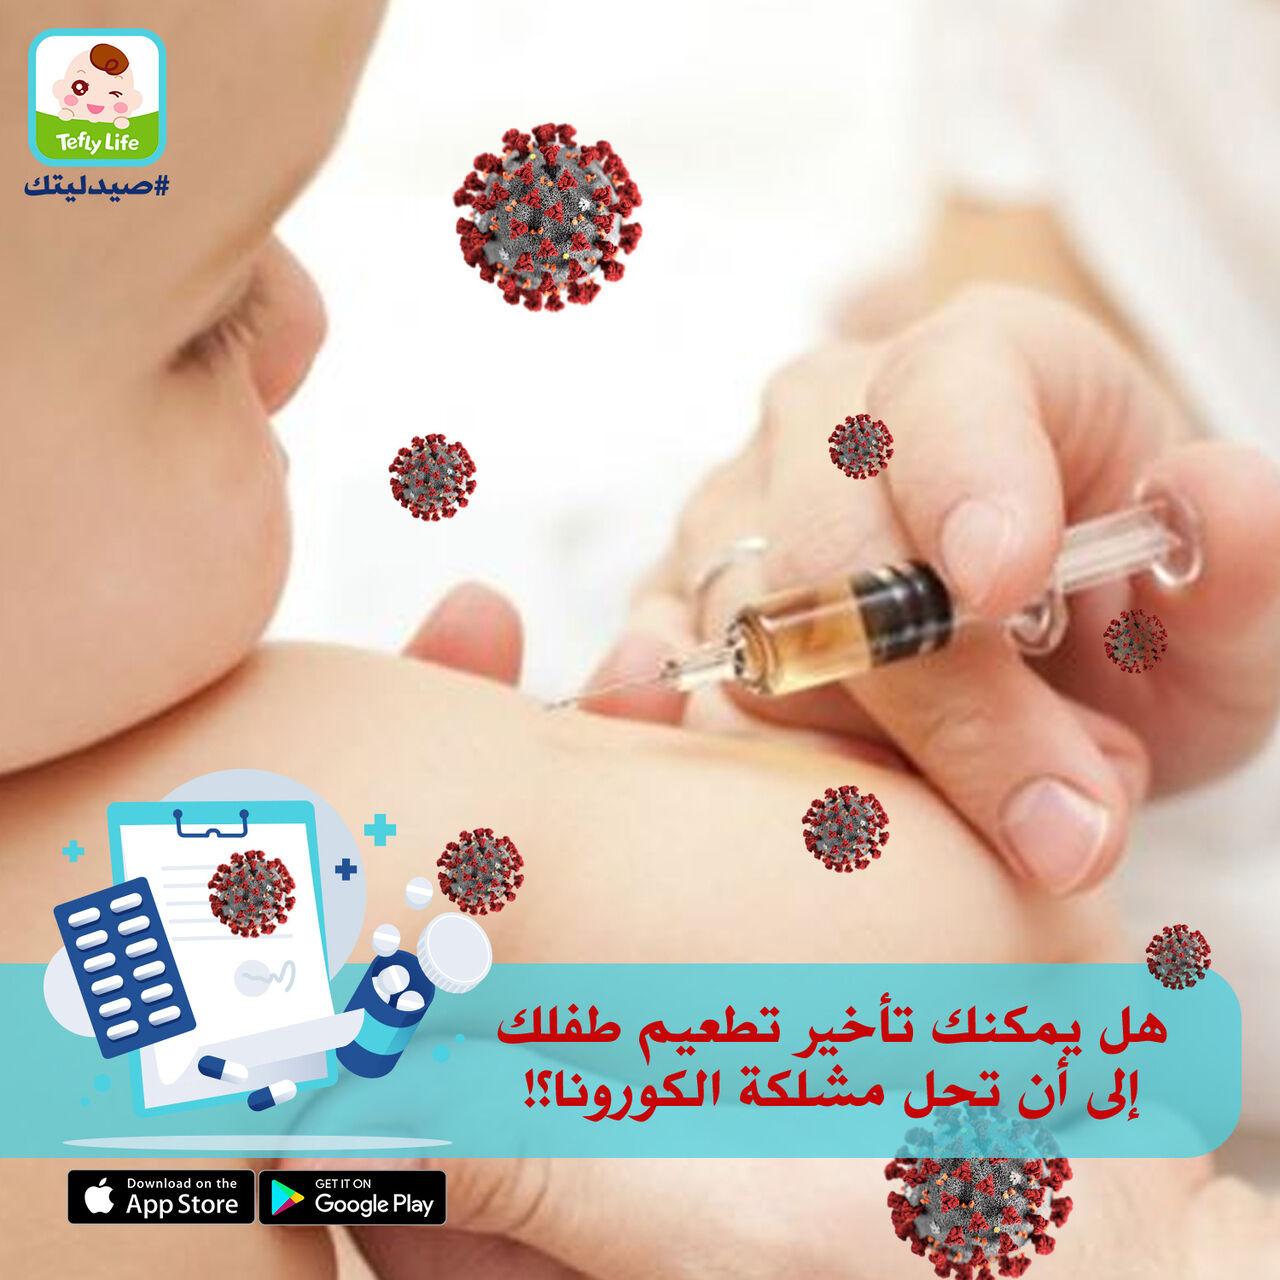 هل يمكنك تأخير تطعيم صغيرك إلى أن تمر أزمة الكورونا أم هناك مشكلة?!